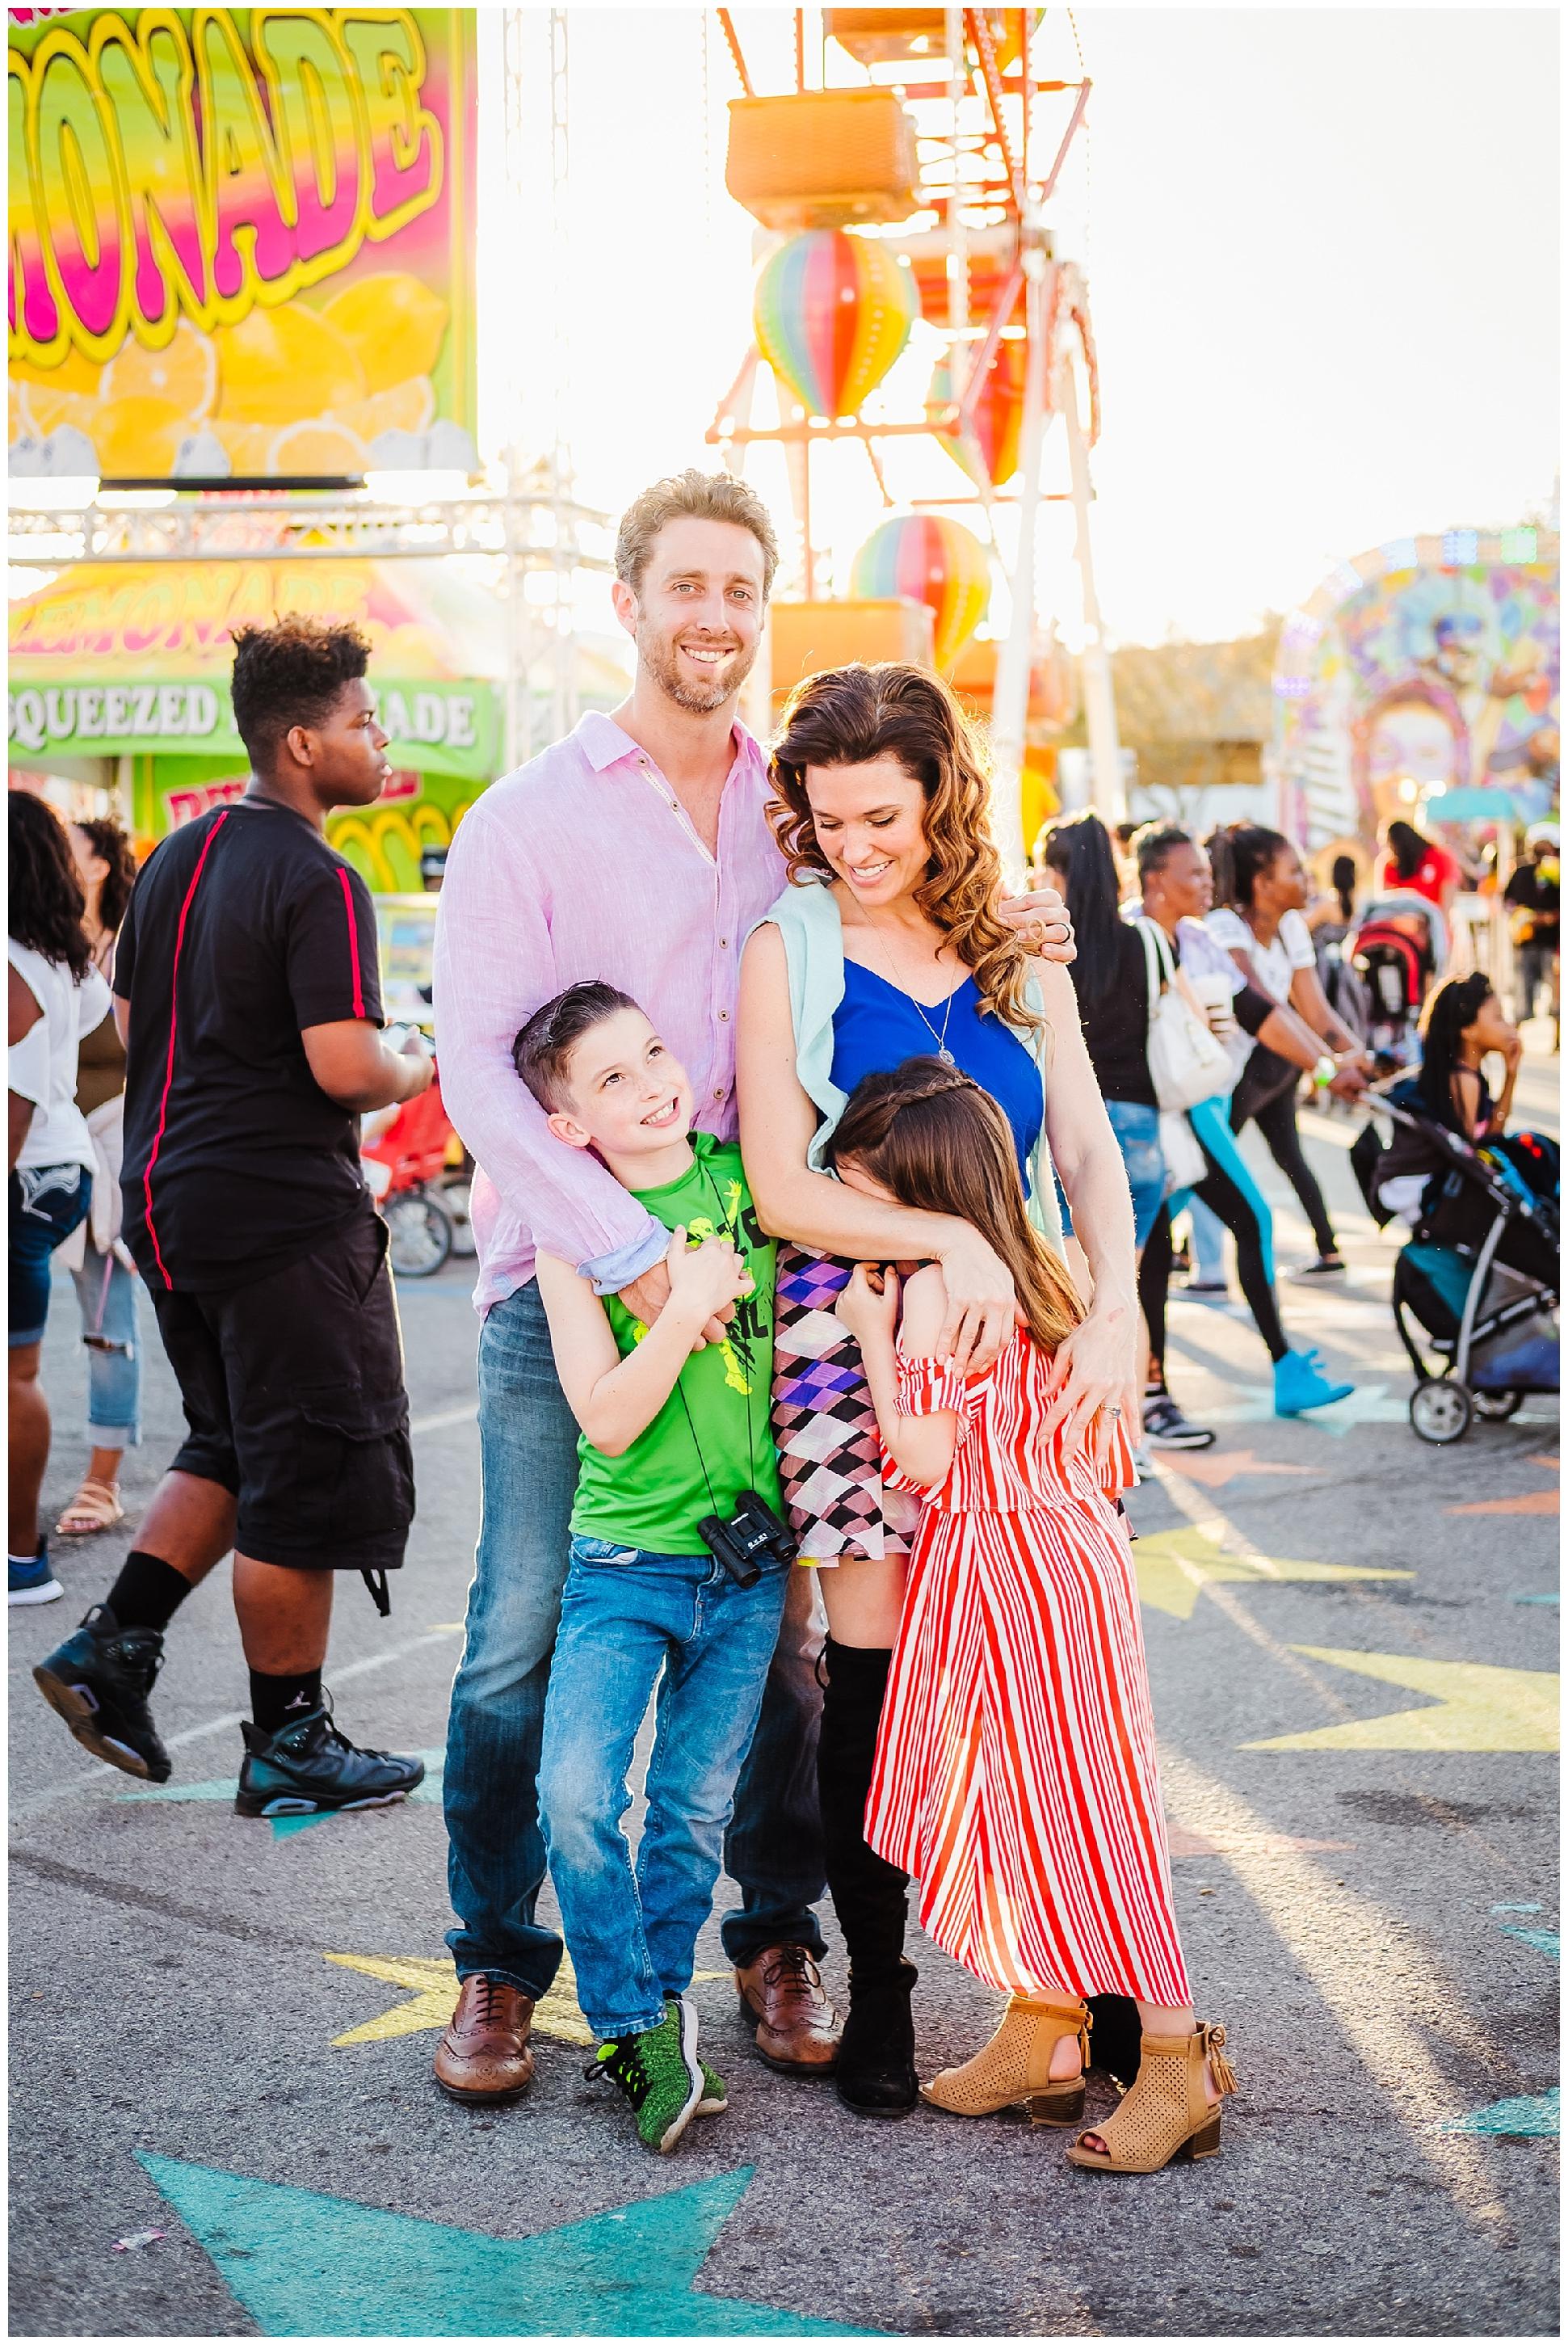 Tampa-colorful-fair-amusement park-dani family session_0008.jpg